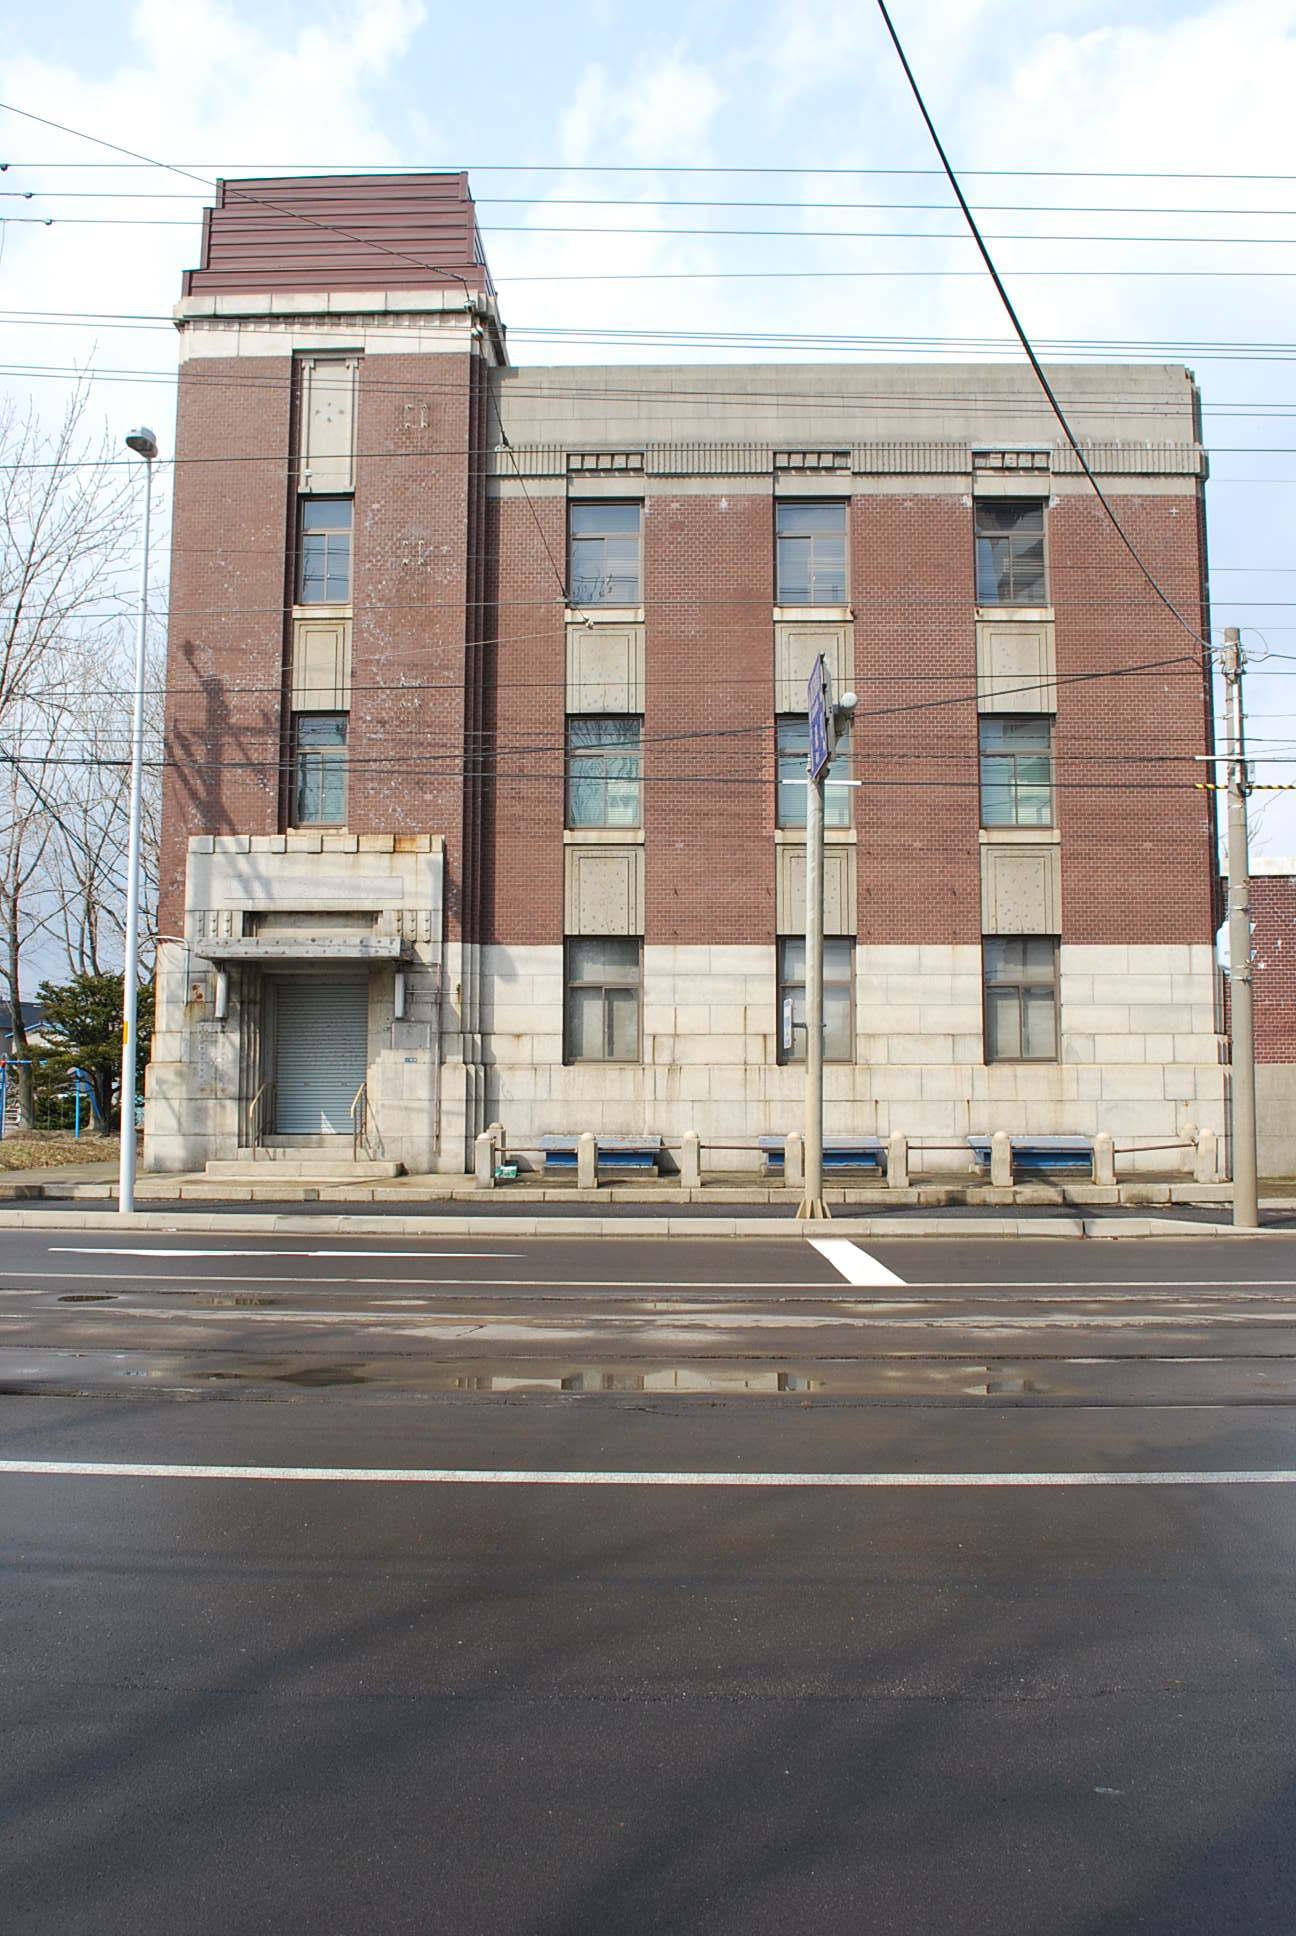 函館市豊川町の旧十二銀行函館支店(函館の建築再見)_f0142606_09102870.jpg